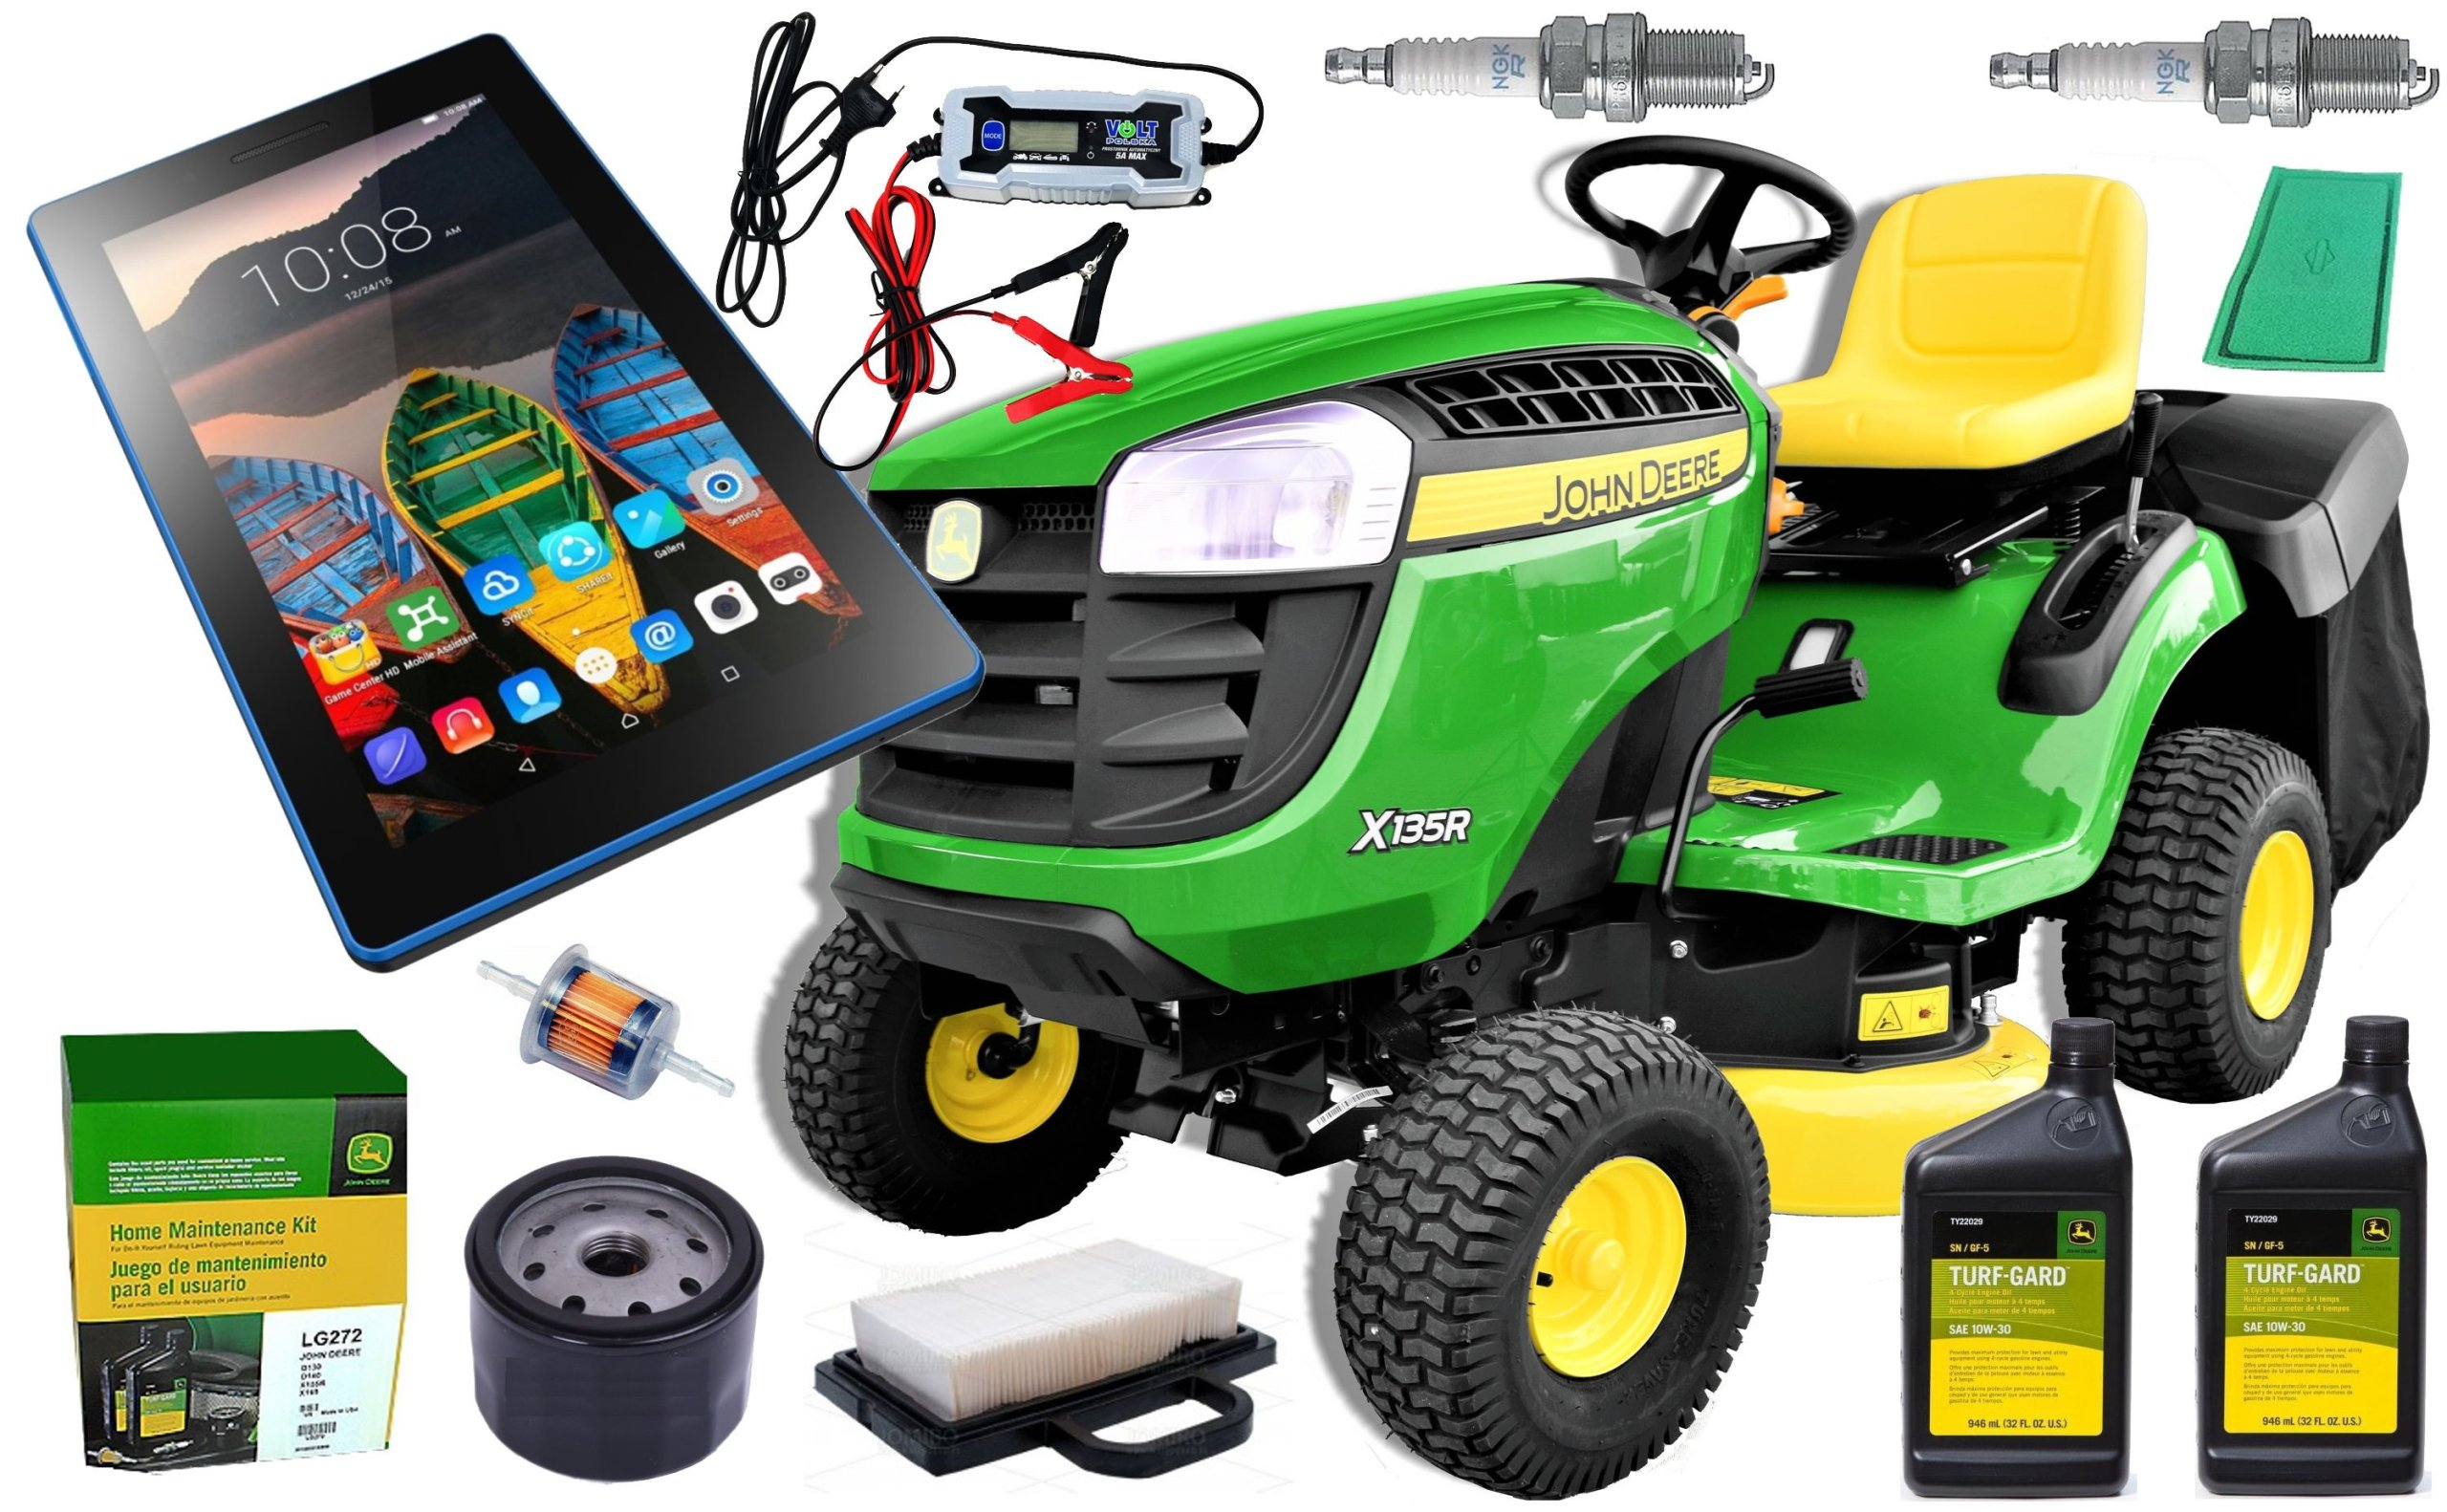 d224d04e4 Traktorek John Deere X135R PRZECENA -2274 PLN XXL+ - 7222287341 ...